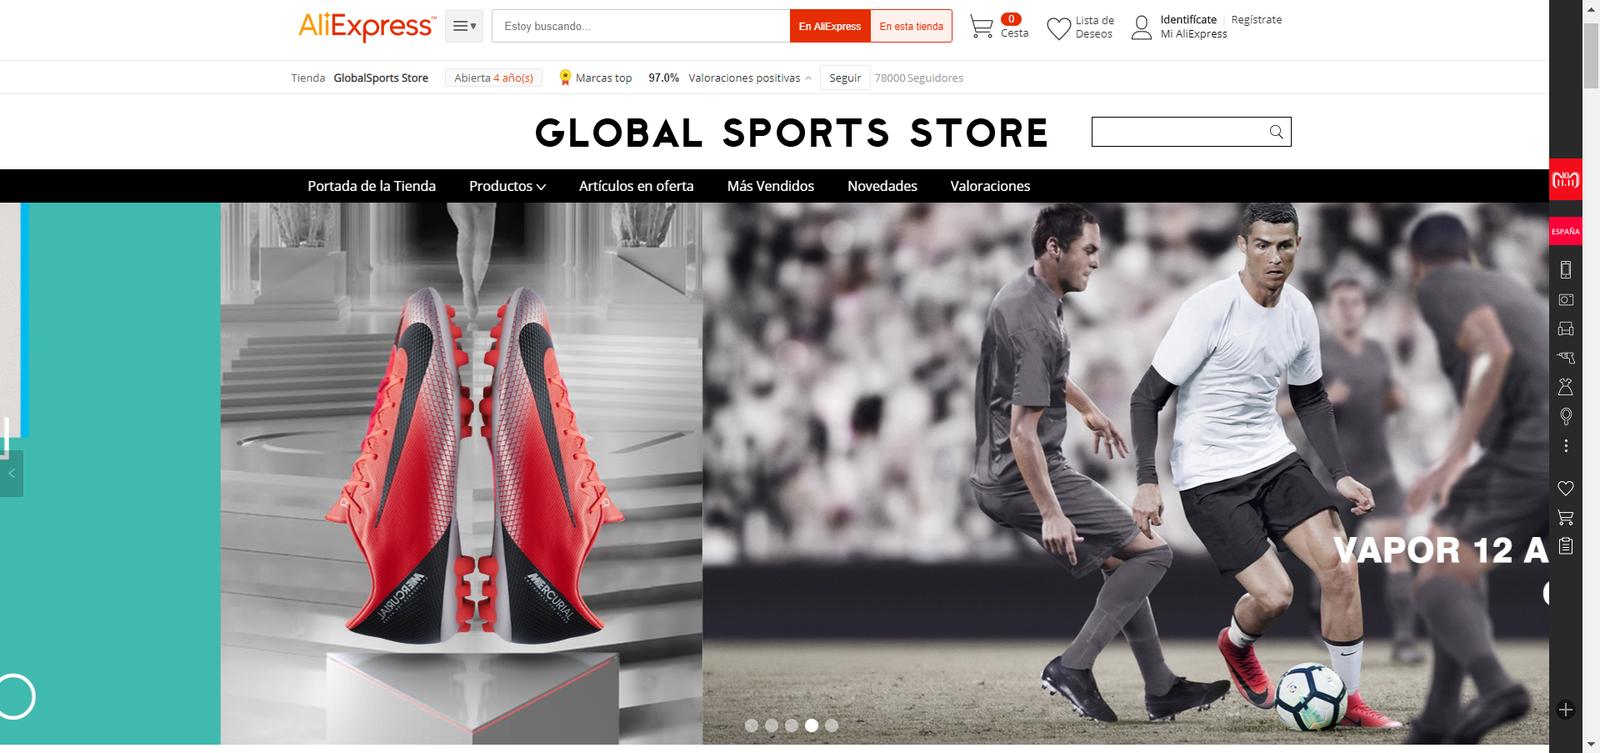 Espange China : copié collé en ergonomie et qualité de mises en avant de marque ... là où Alibaba est fort.